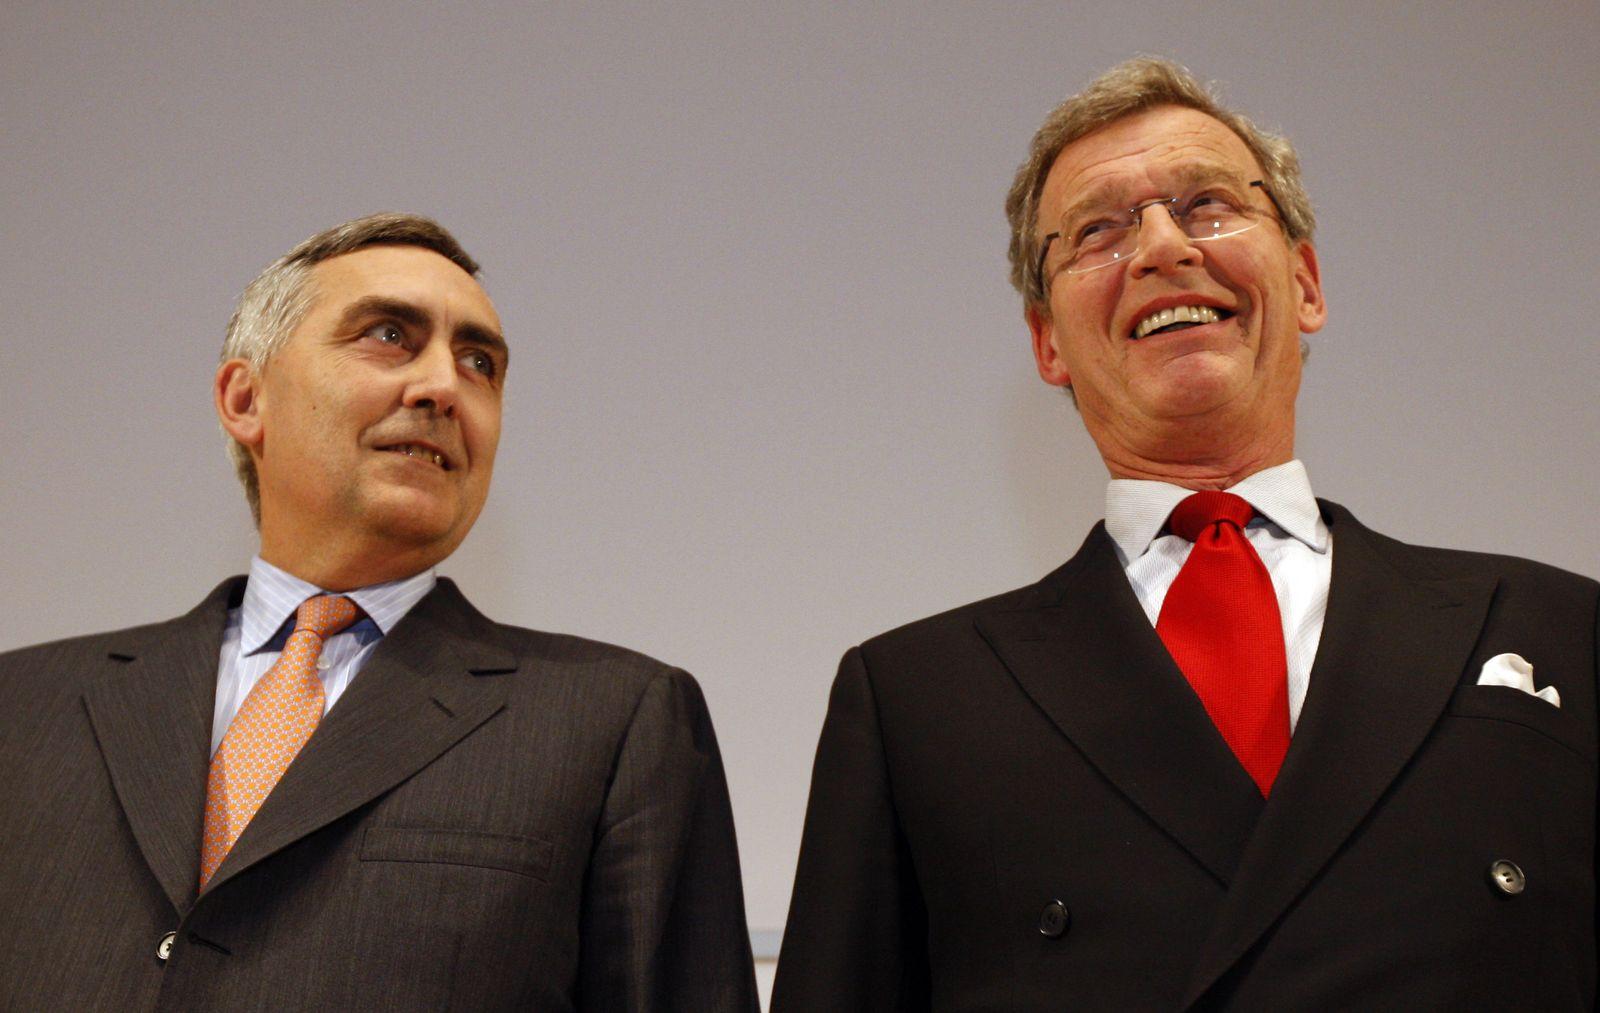 Peter Loescher, Gerhard Cromme